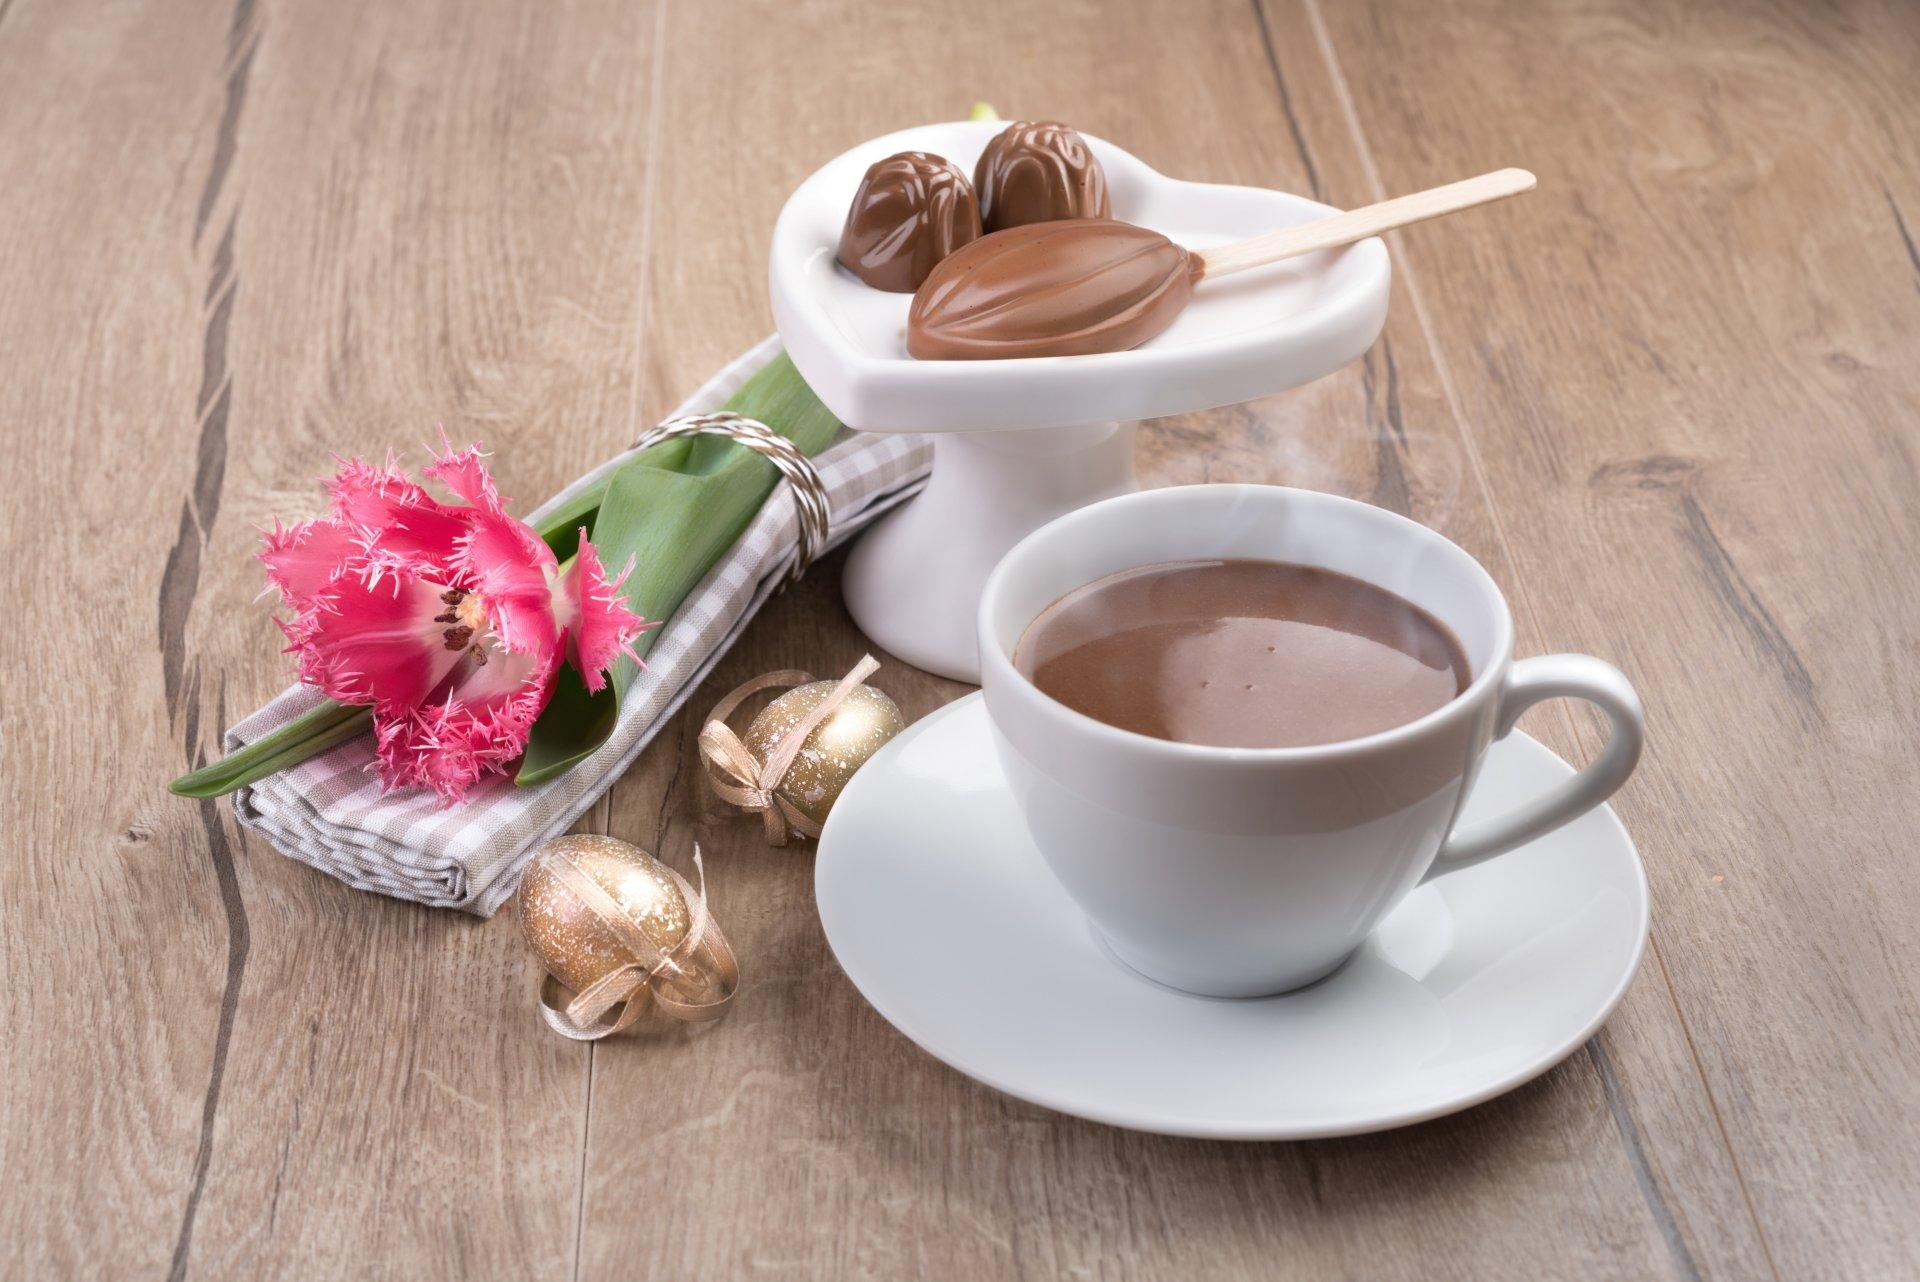 Картинки с утренним кофе и цветами